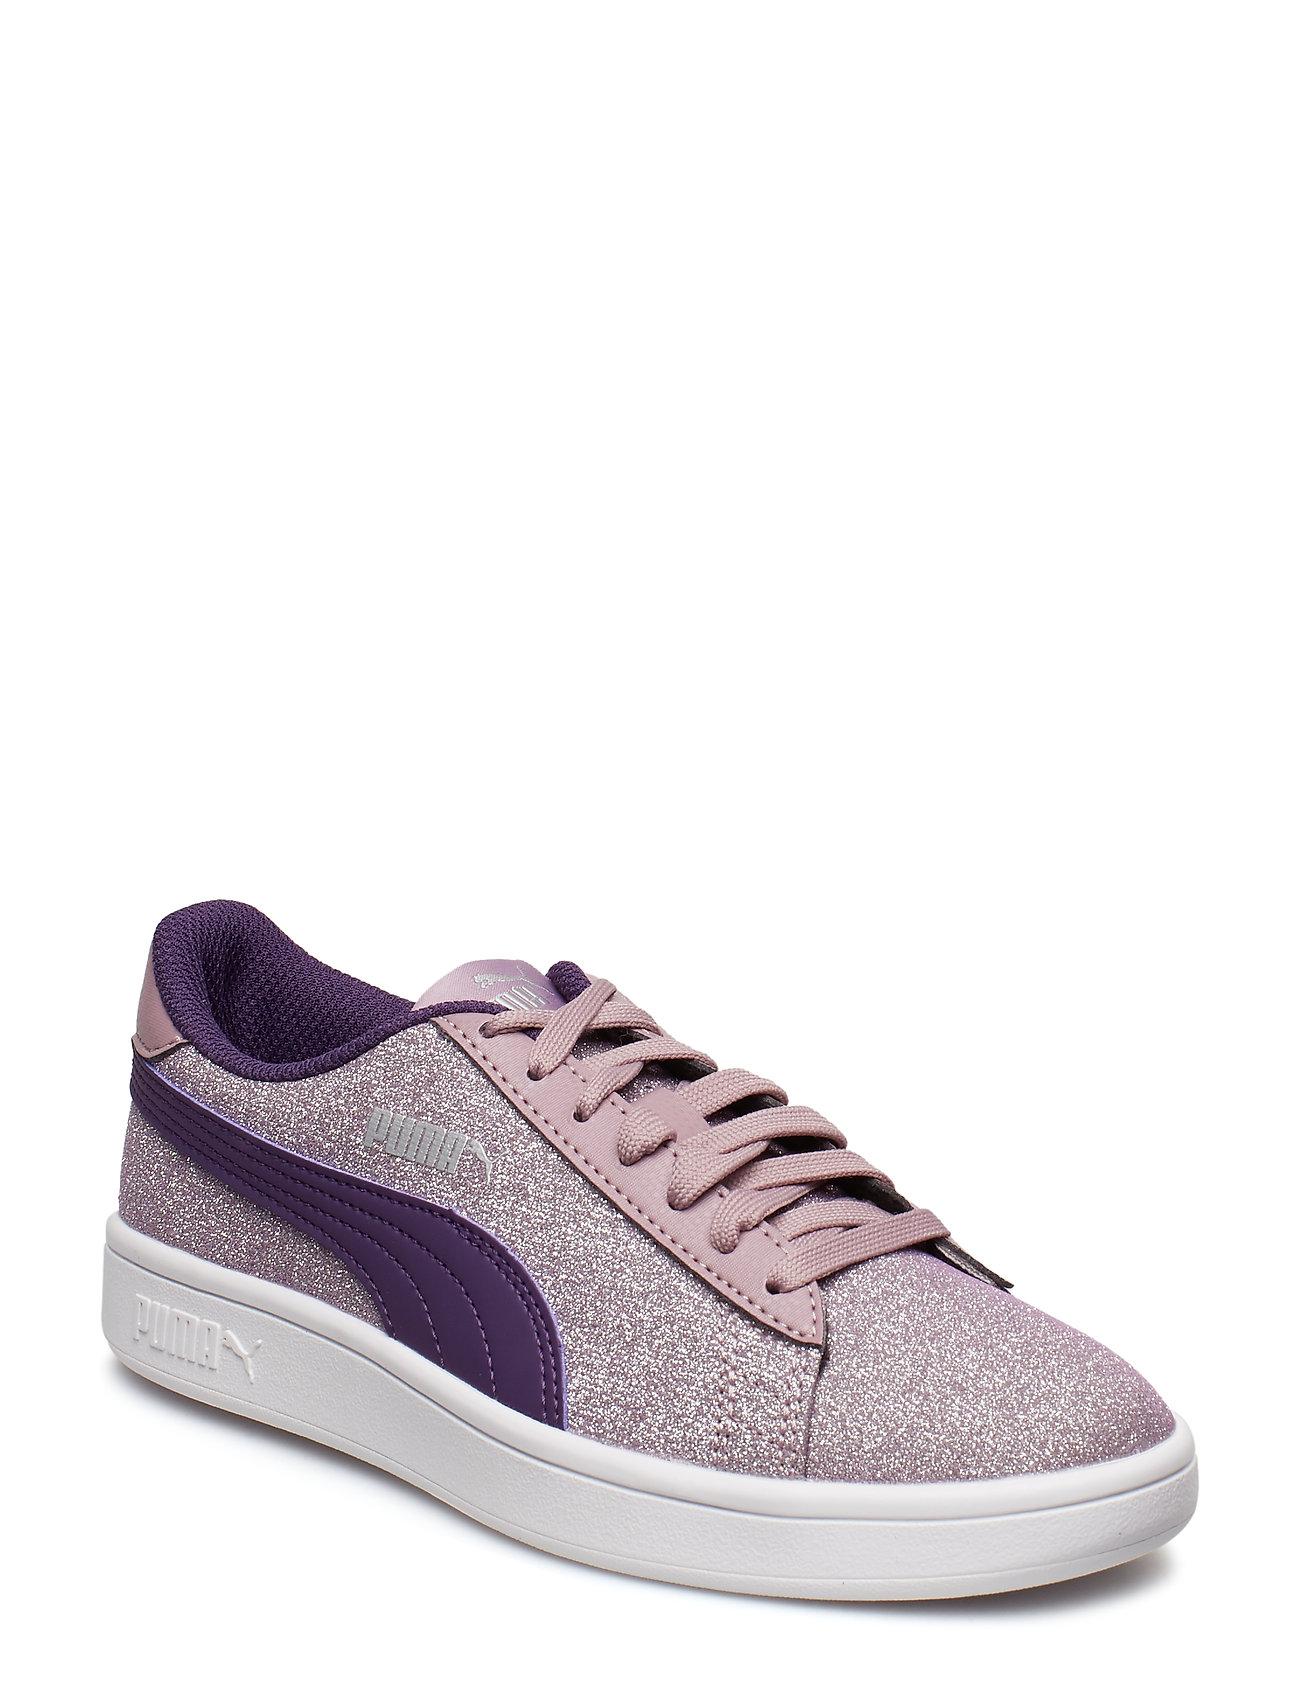 ed3726da4553 Puma Smash V2 Glitz Glam Jr sneakers fra PUMA til børn i PUMA BLACK ...